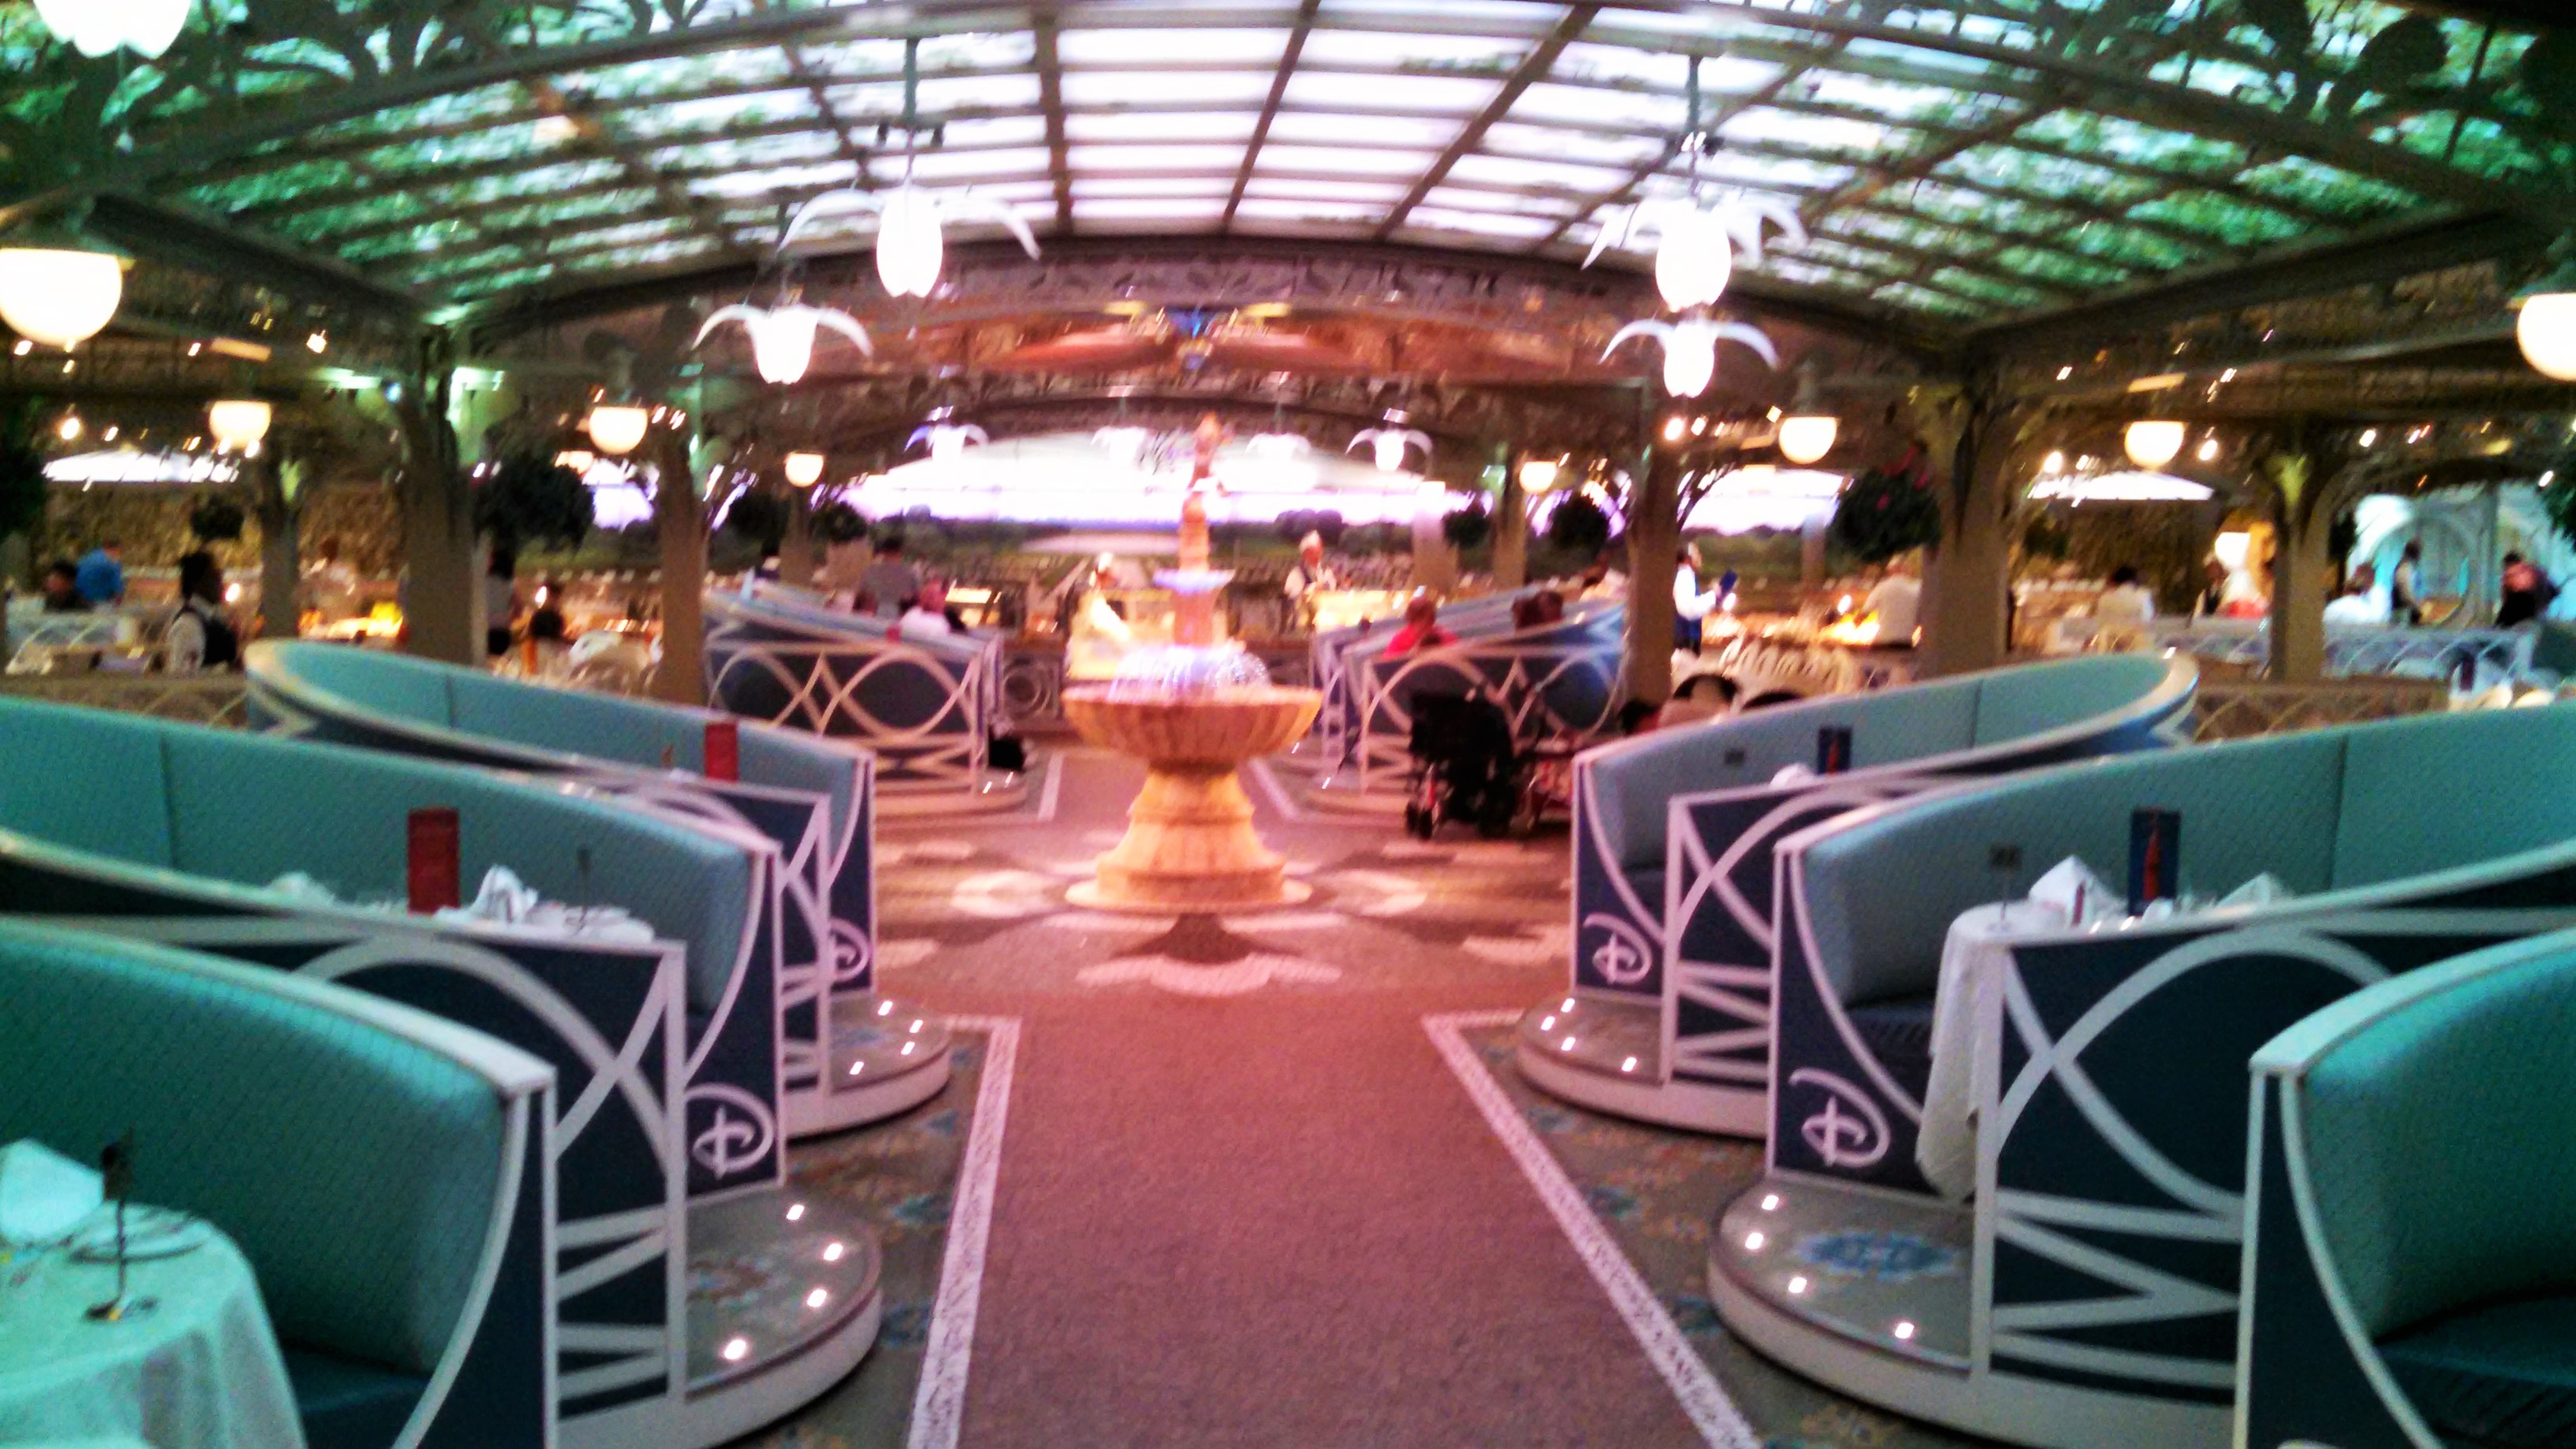 Disney Dream Cruise Dining Rooms